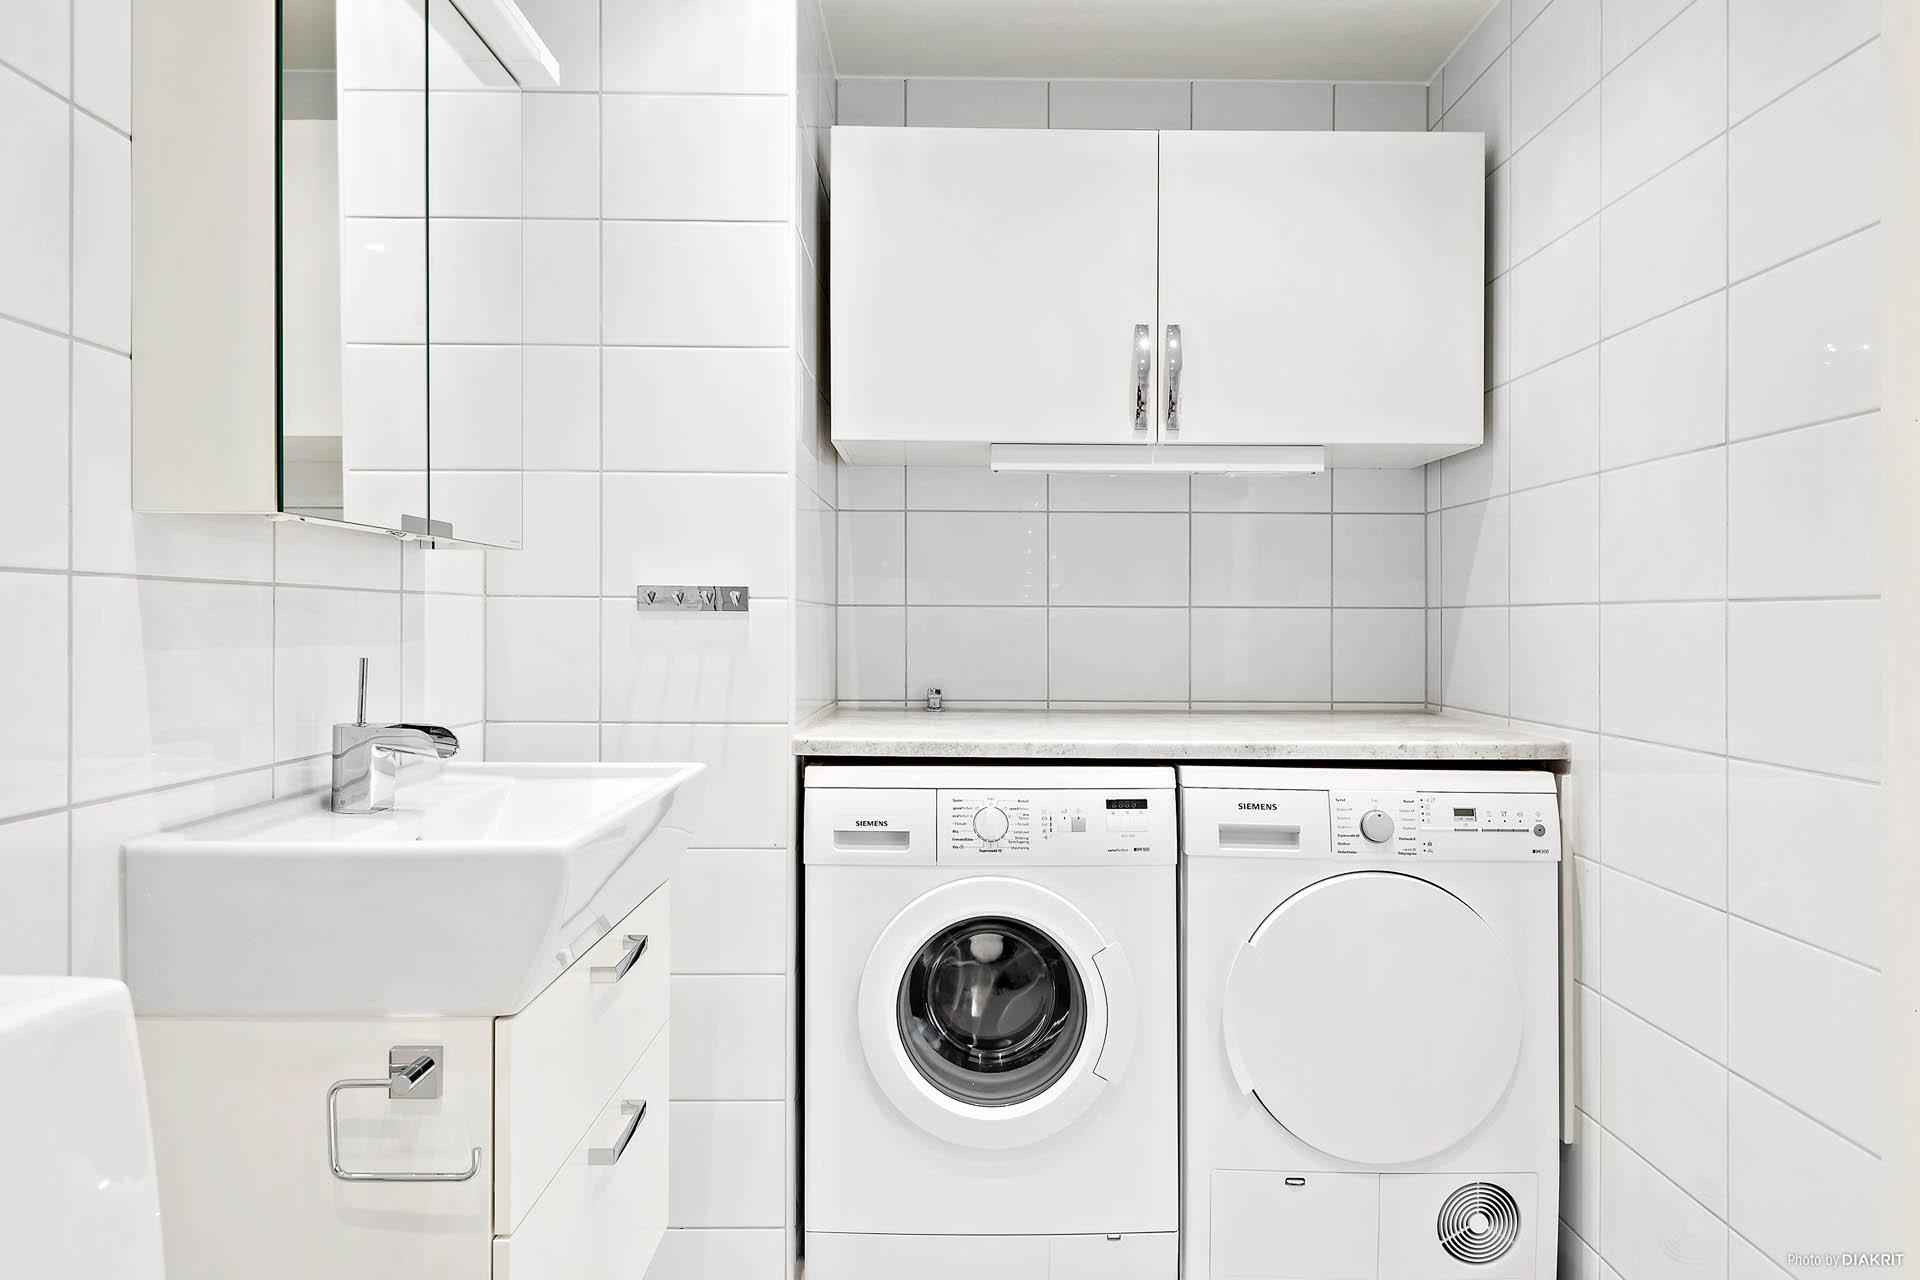 Tvättavdelning med tvättmaskin och torktumlare